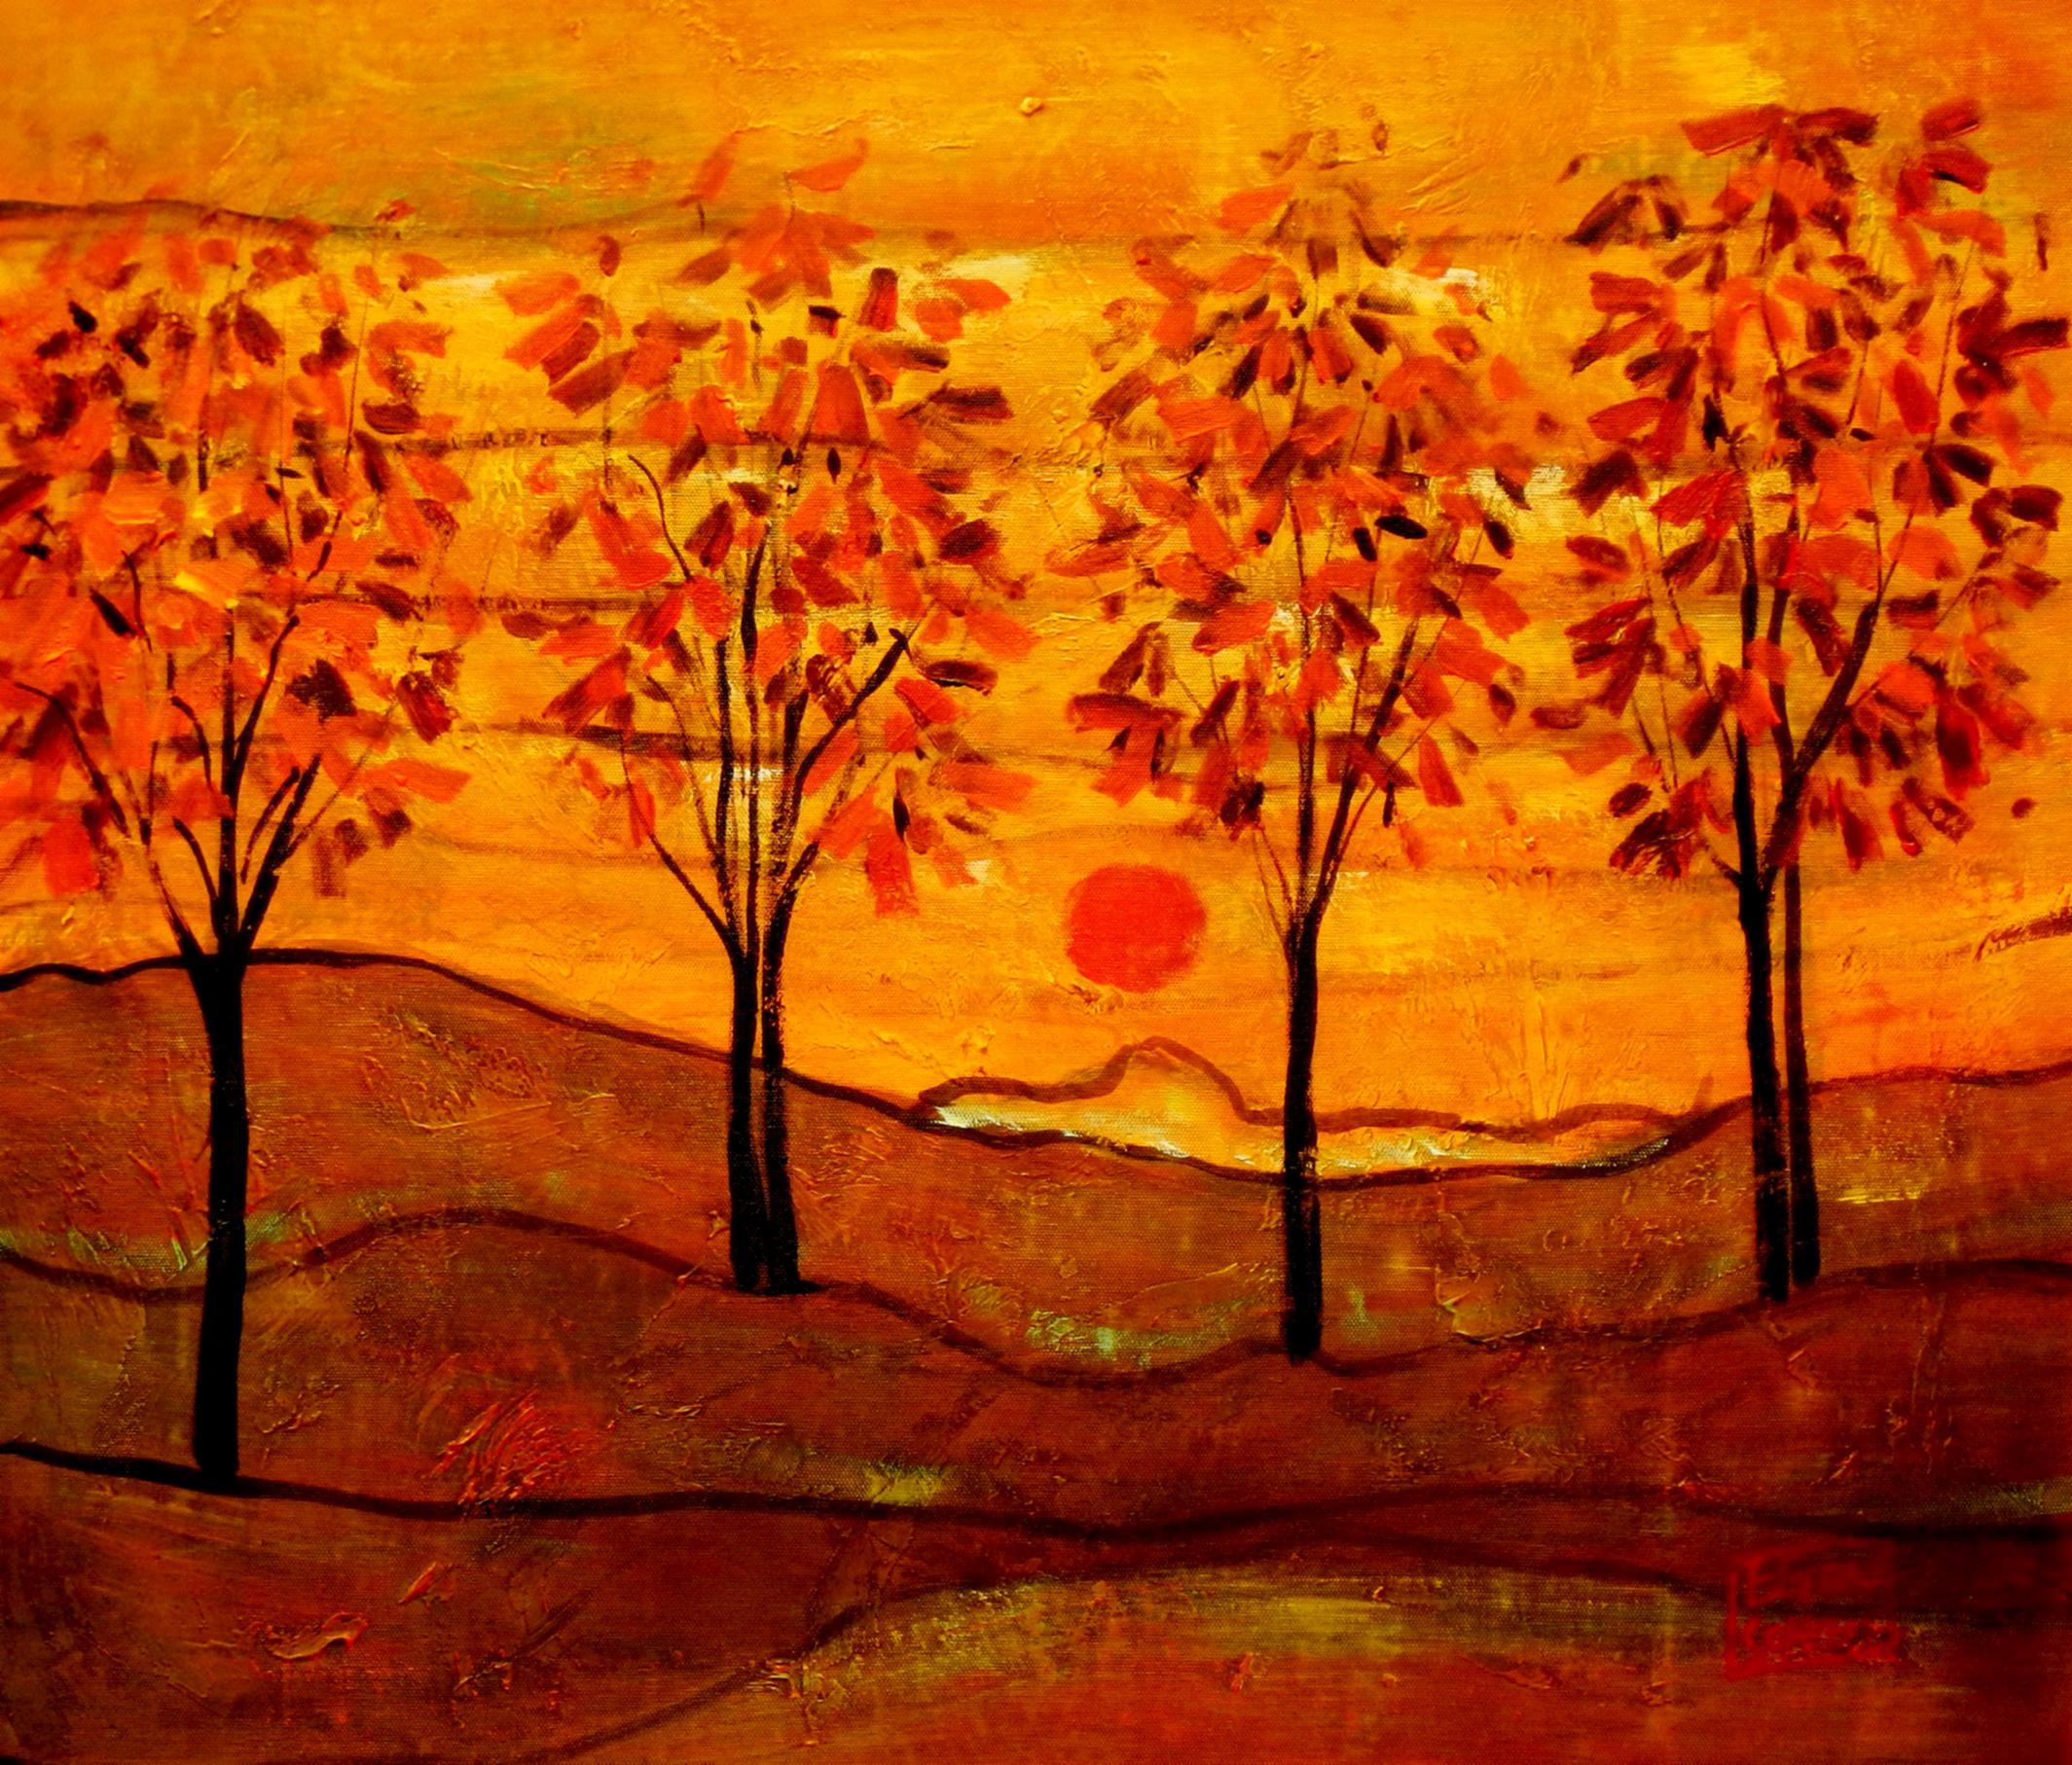 Egon Schiele - Vier Bäume c94206 50x60cm exzellentes Ölbild